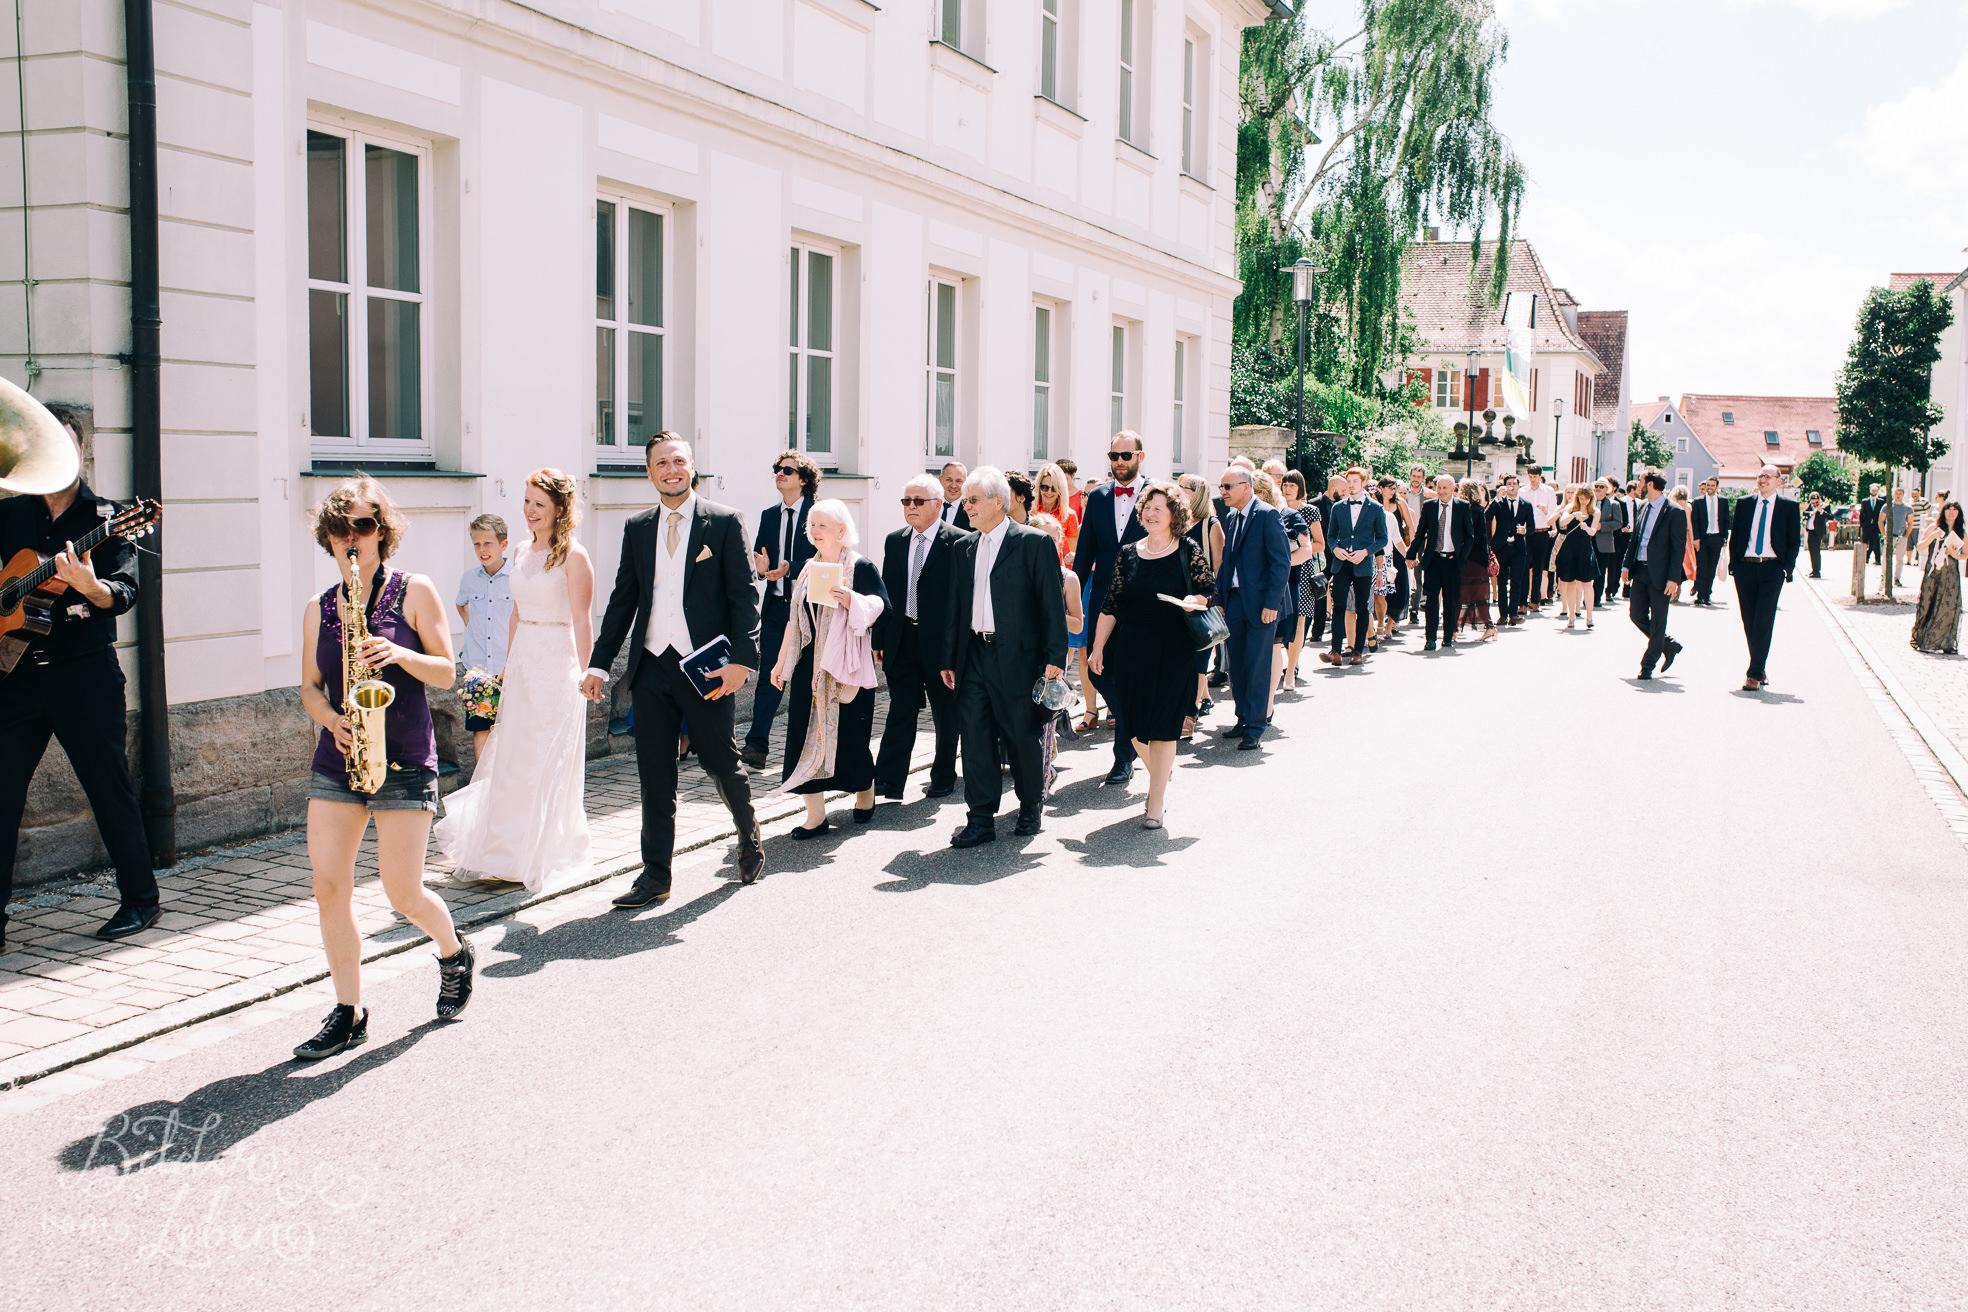 Franzi-Mike-Hochzeitsfotos-Triesdorf-IMG_1611